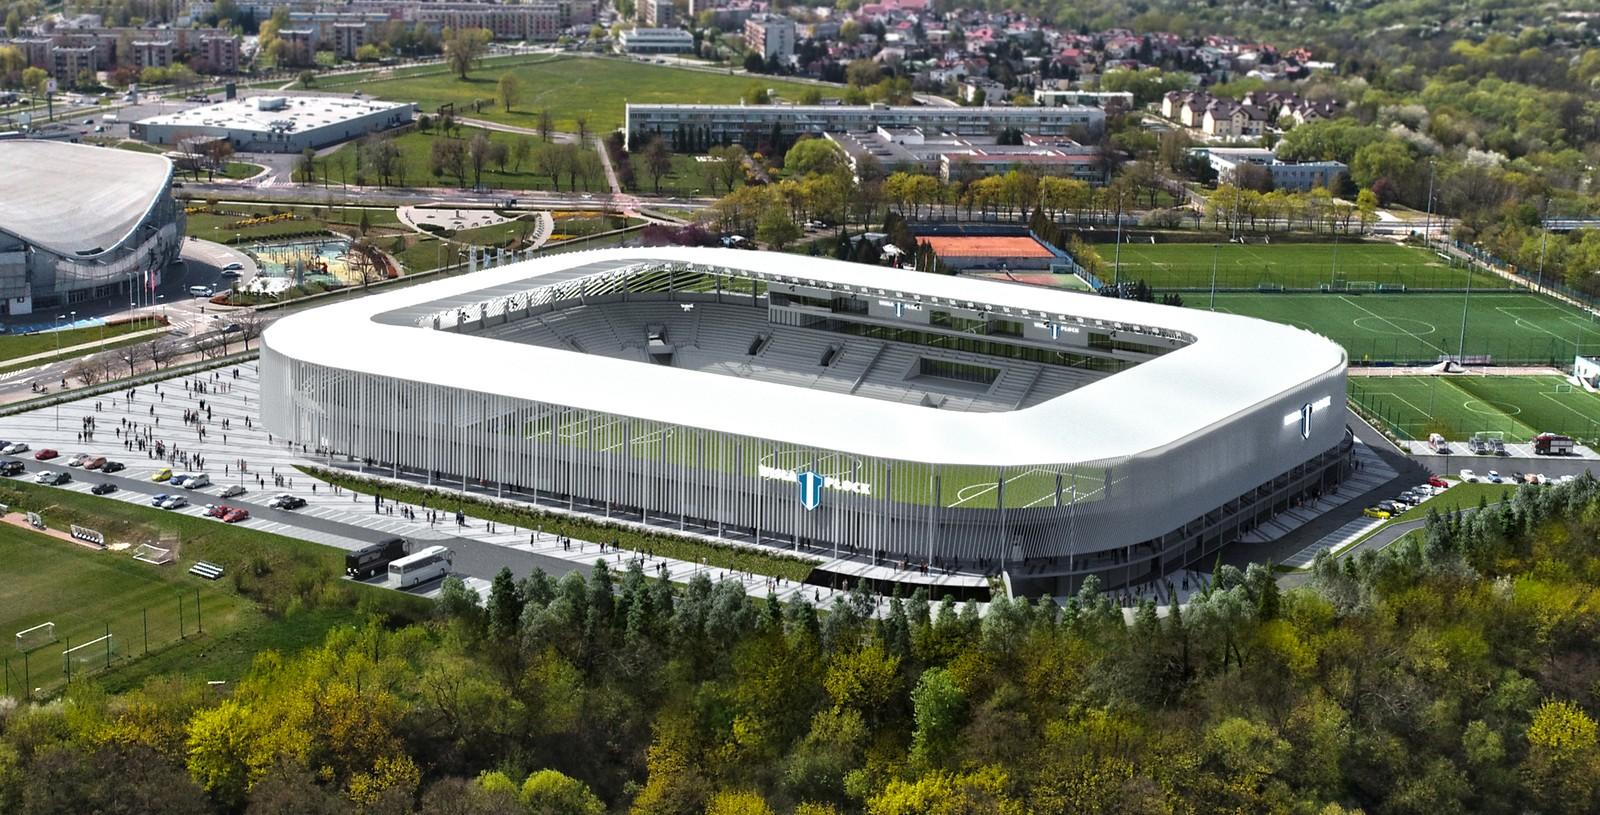 Stadion Miejski w Płocku?